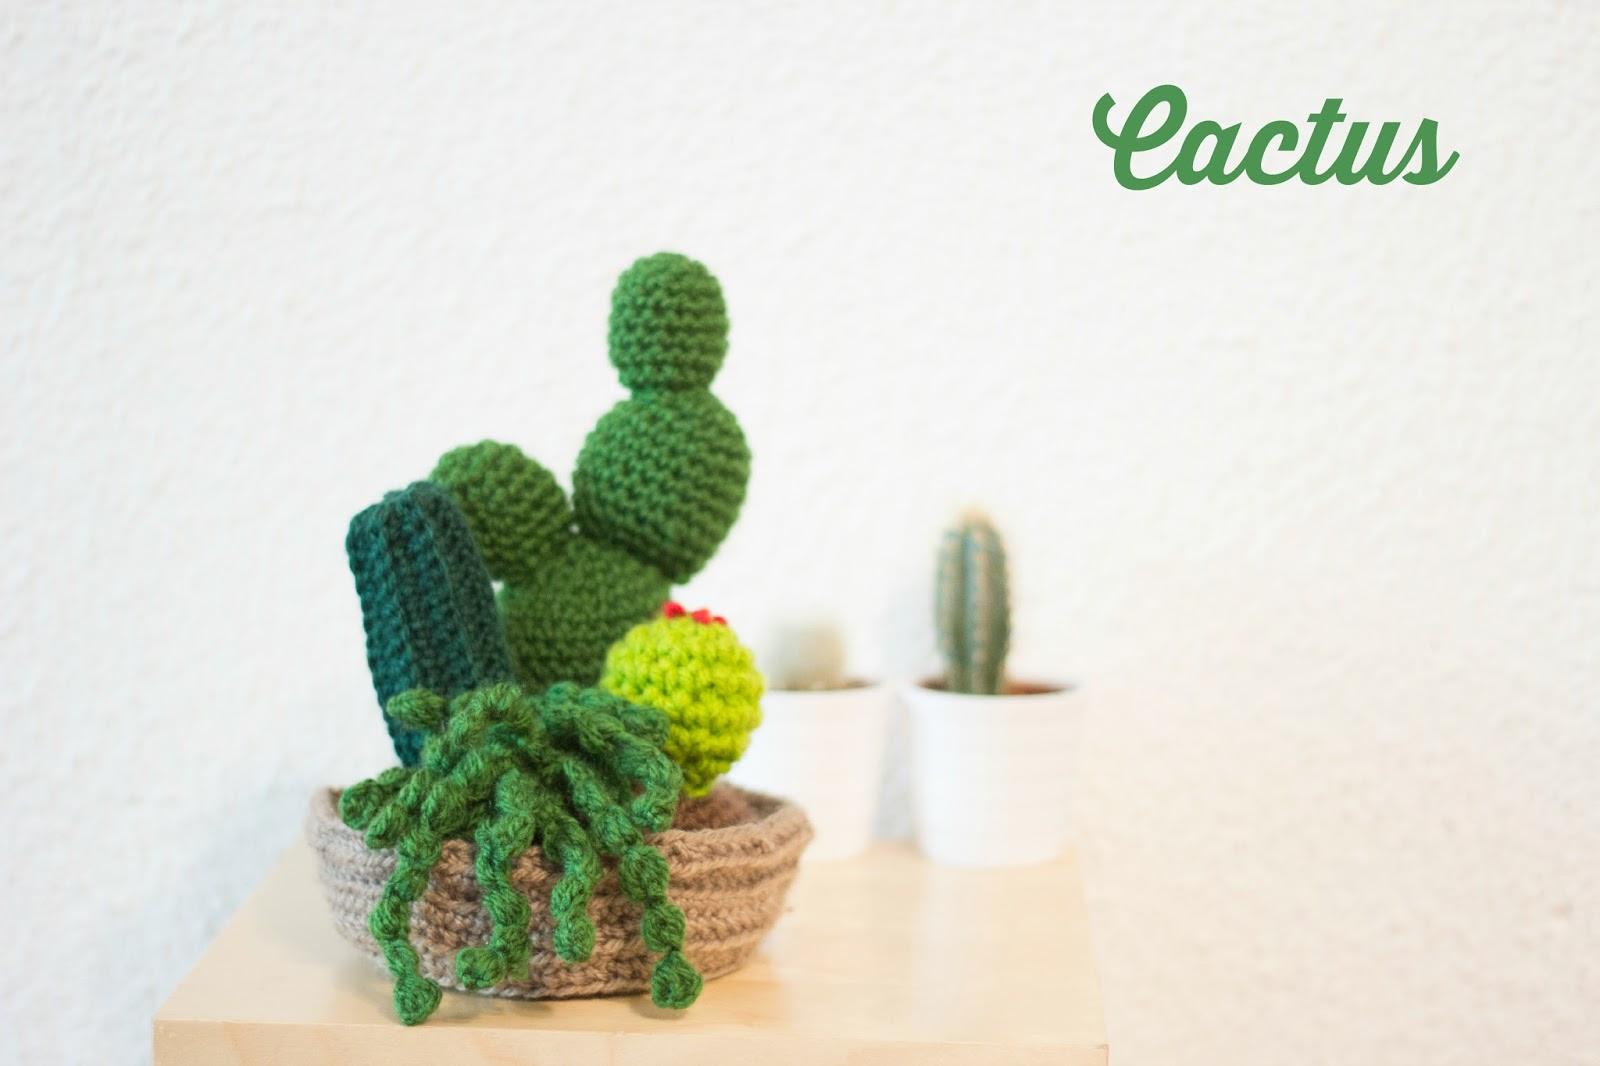 De puntadas y otros enredos cactus de ganchillo for Cactus navideno